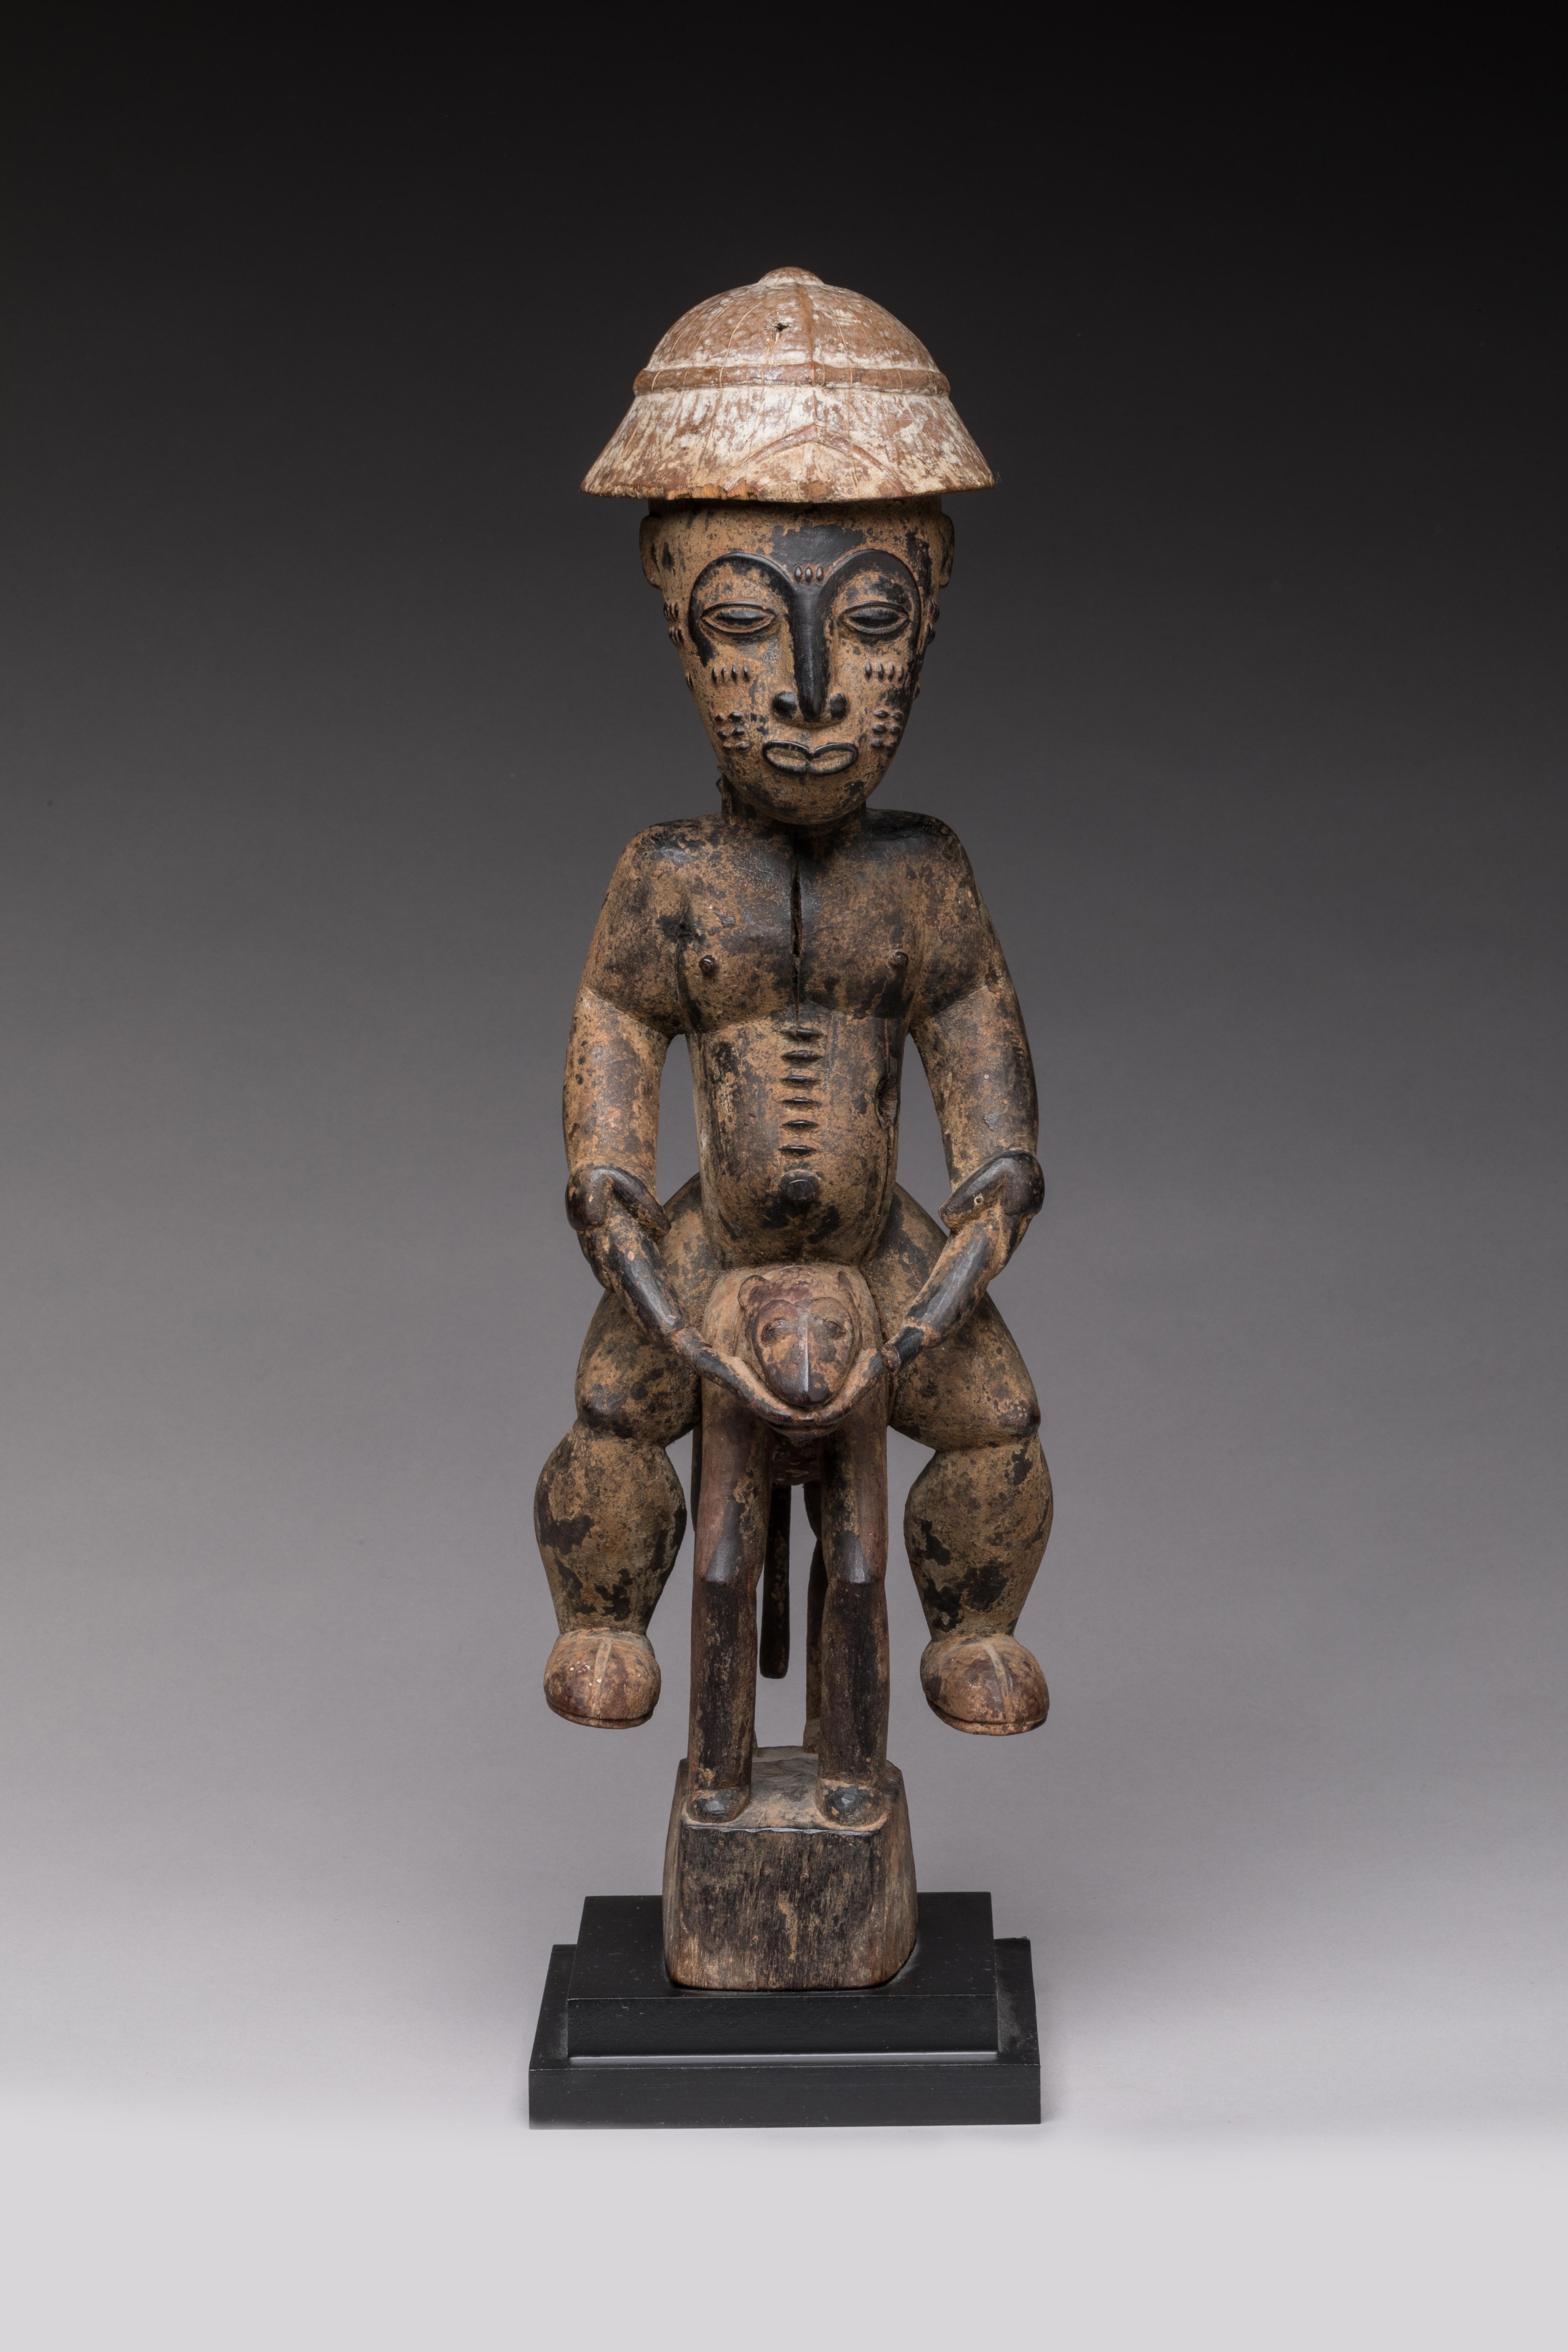 Auction Arts d'Afrique & Civilisations (Orléans) at Pousse Cornet - Valoir : 395 lots